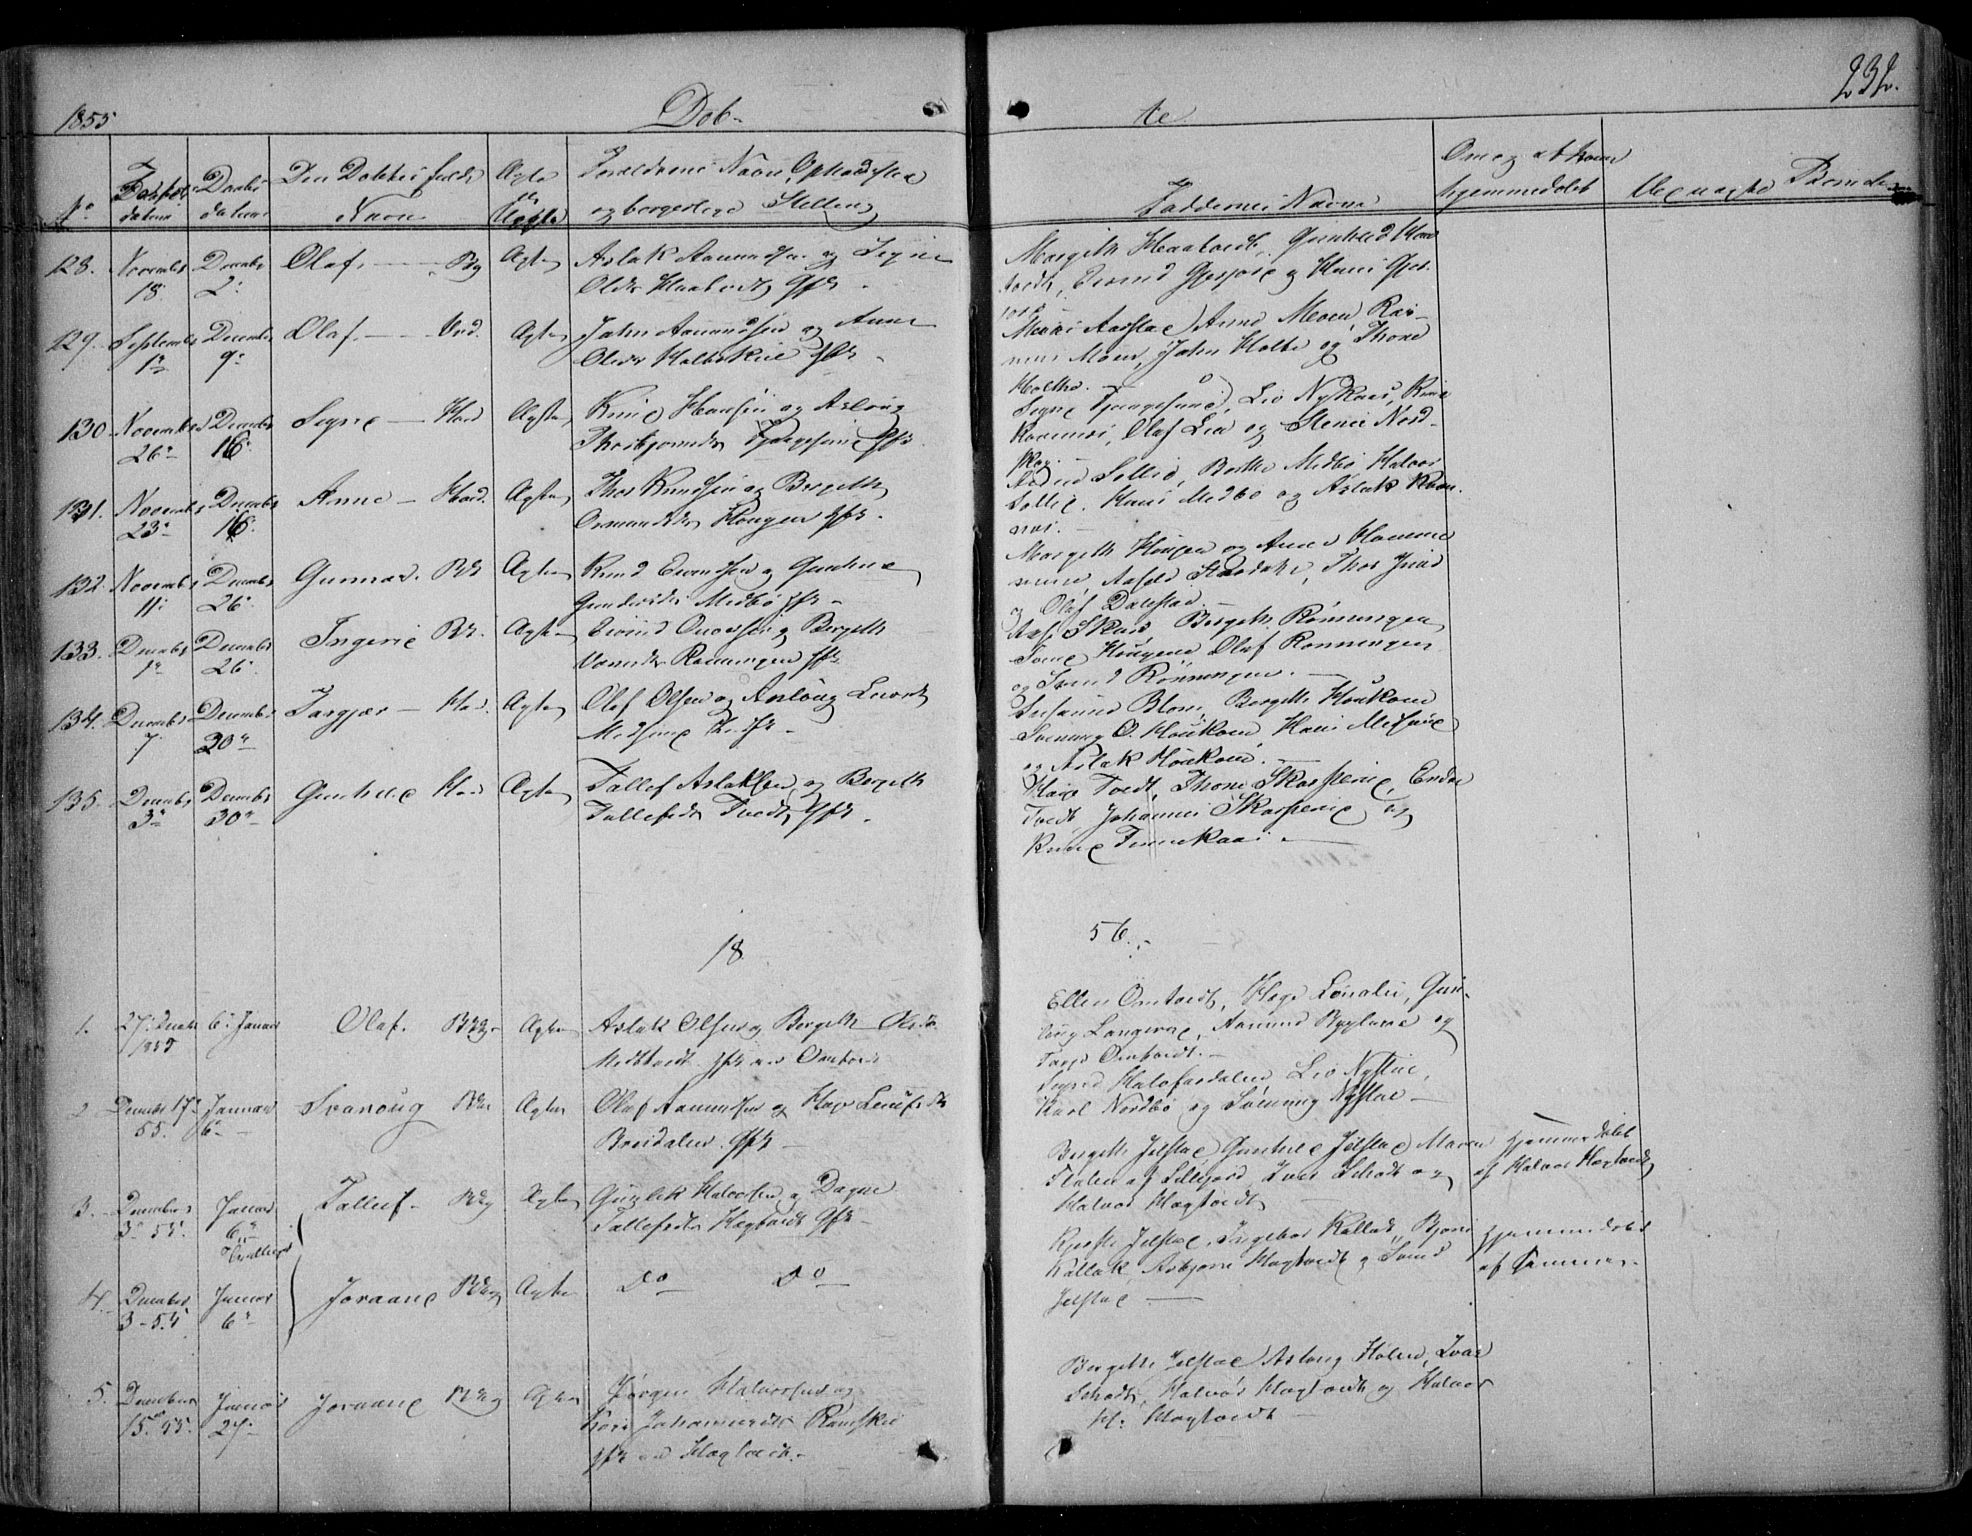 SAKO, Kviteseid kirkebøker, F/Fa/L0006: Ministerialbok nr. I 6, 1836-1858, s. 232